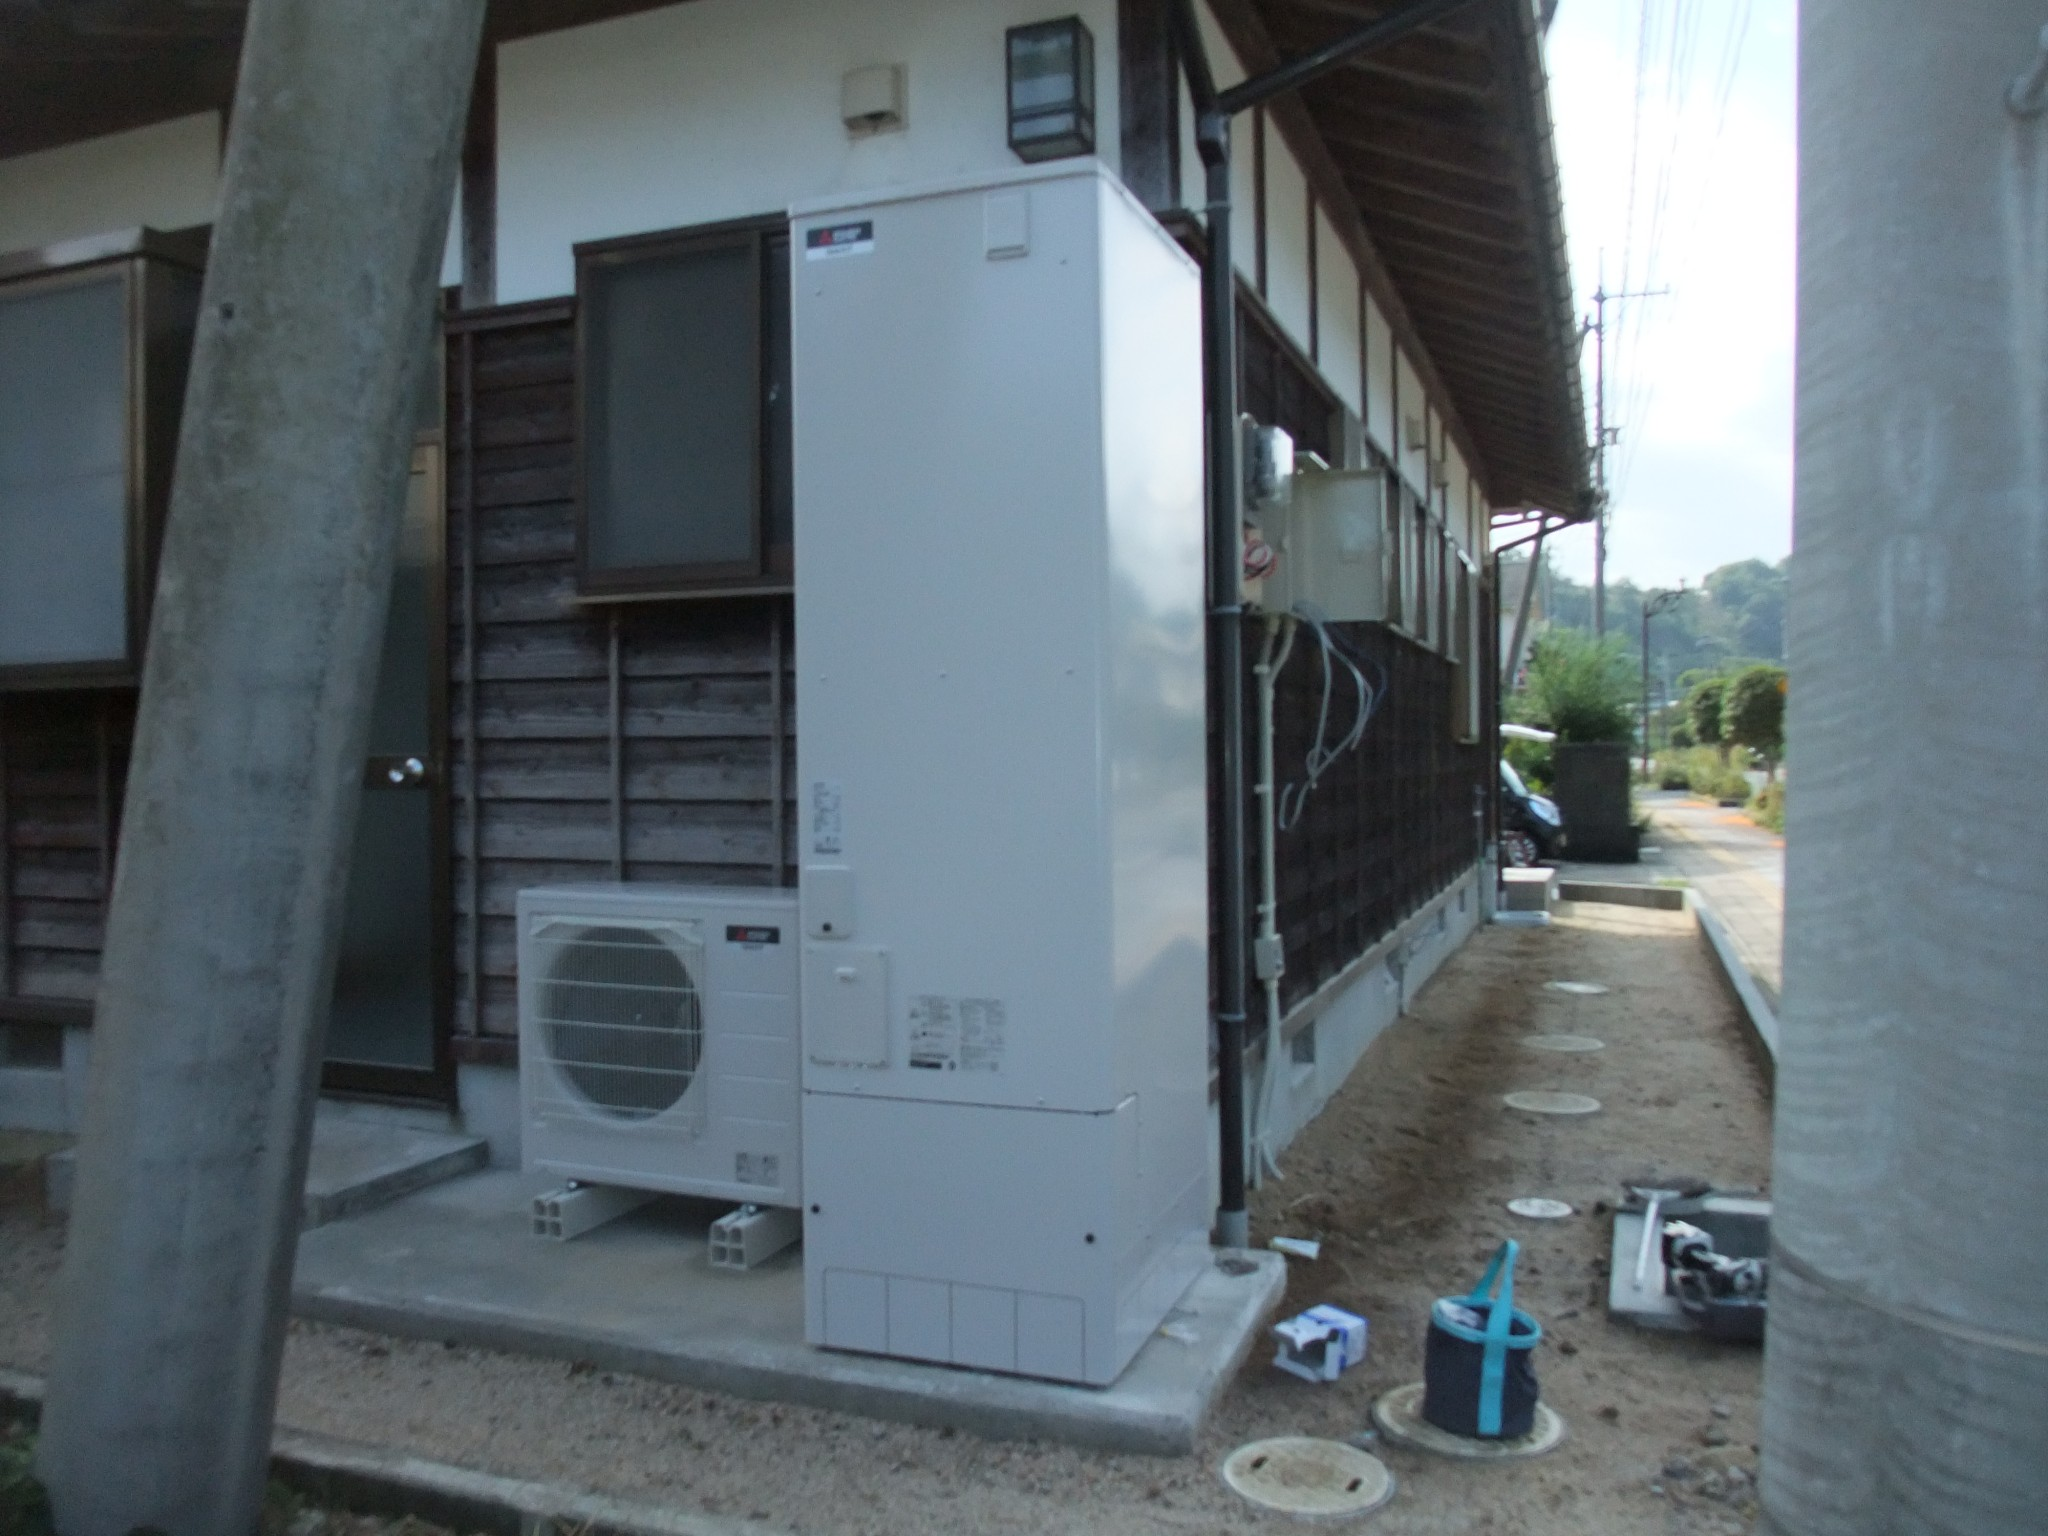 K様邸オール電化に伴う設備機器取替え工事